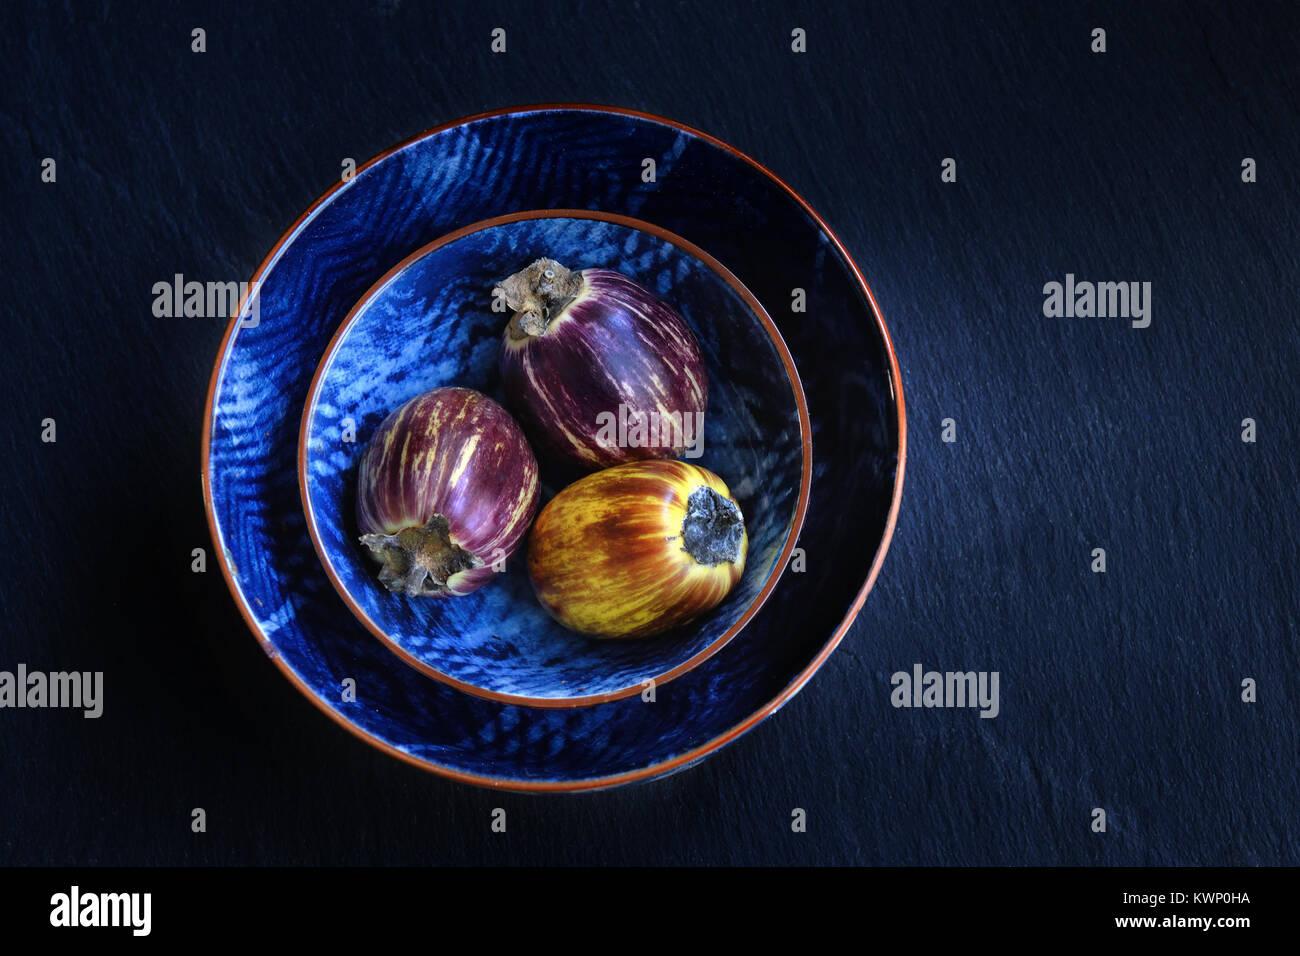 Aubergines violet frais et sains dans un bwols sur pierre sombre arrière-plan. La nourriture végétarienne, Photo Stock